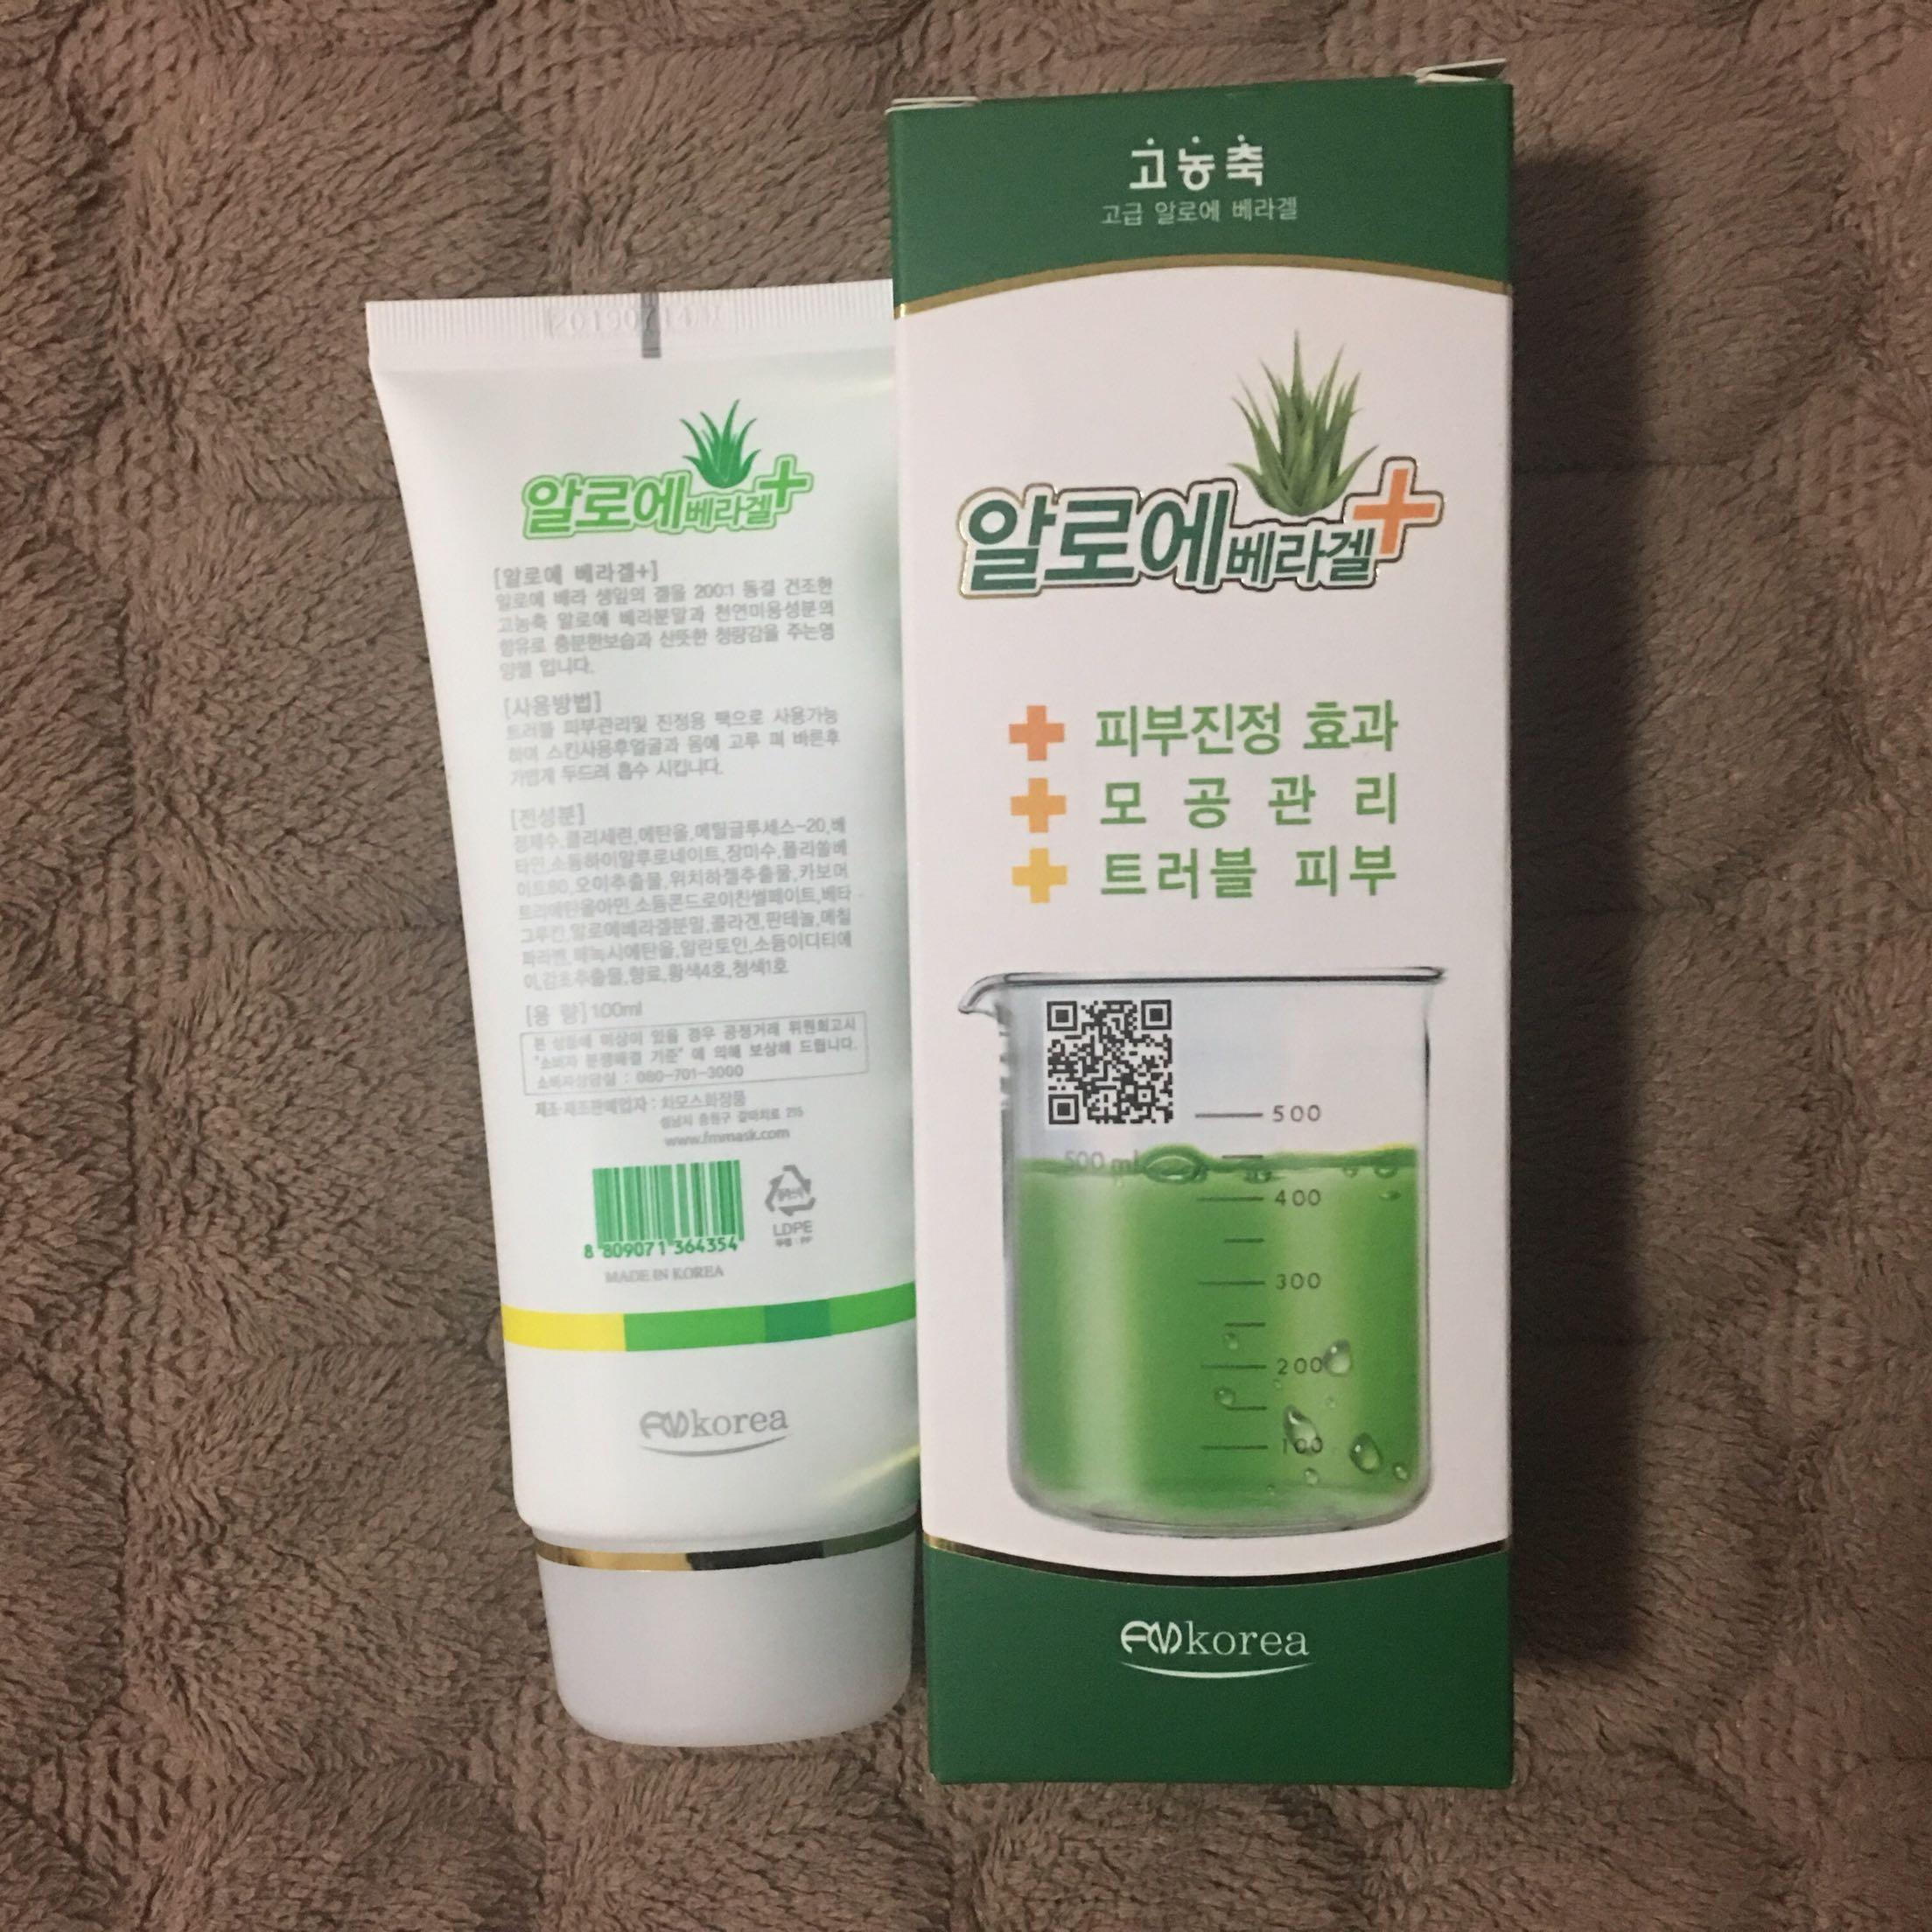 한국 알로에 젤라틴 오리지날 는 여드름 피부 관리